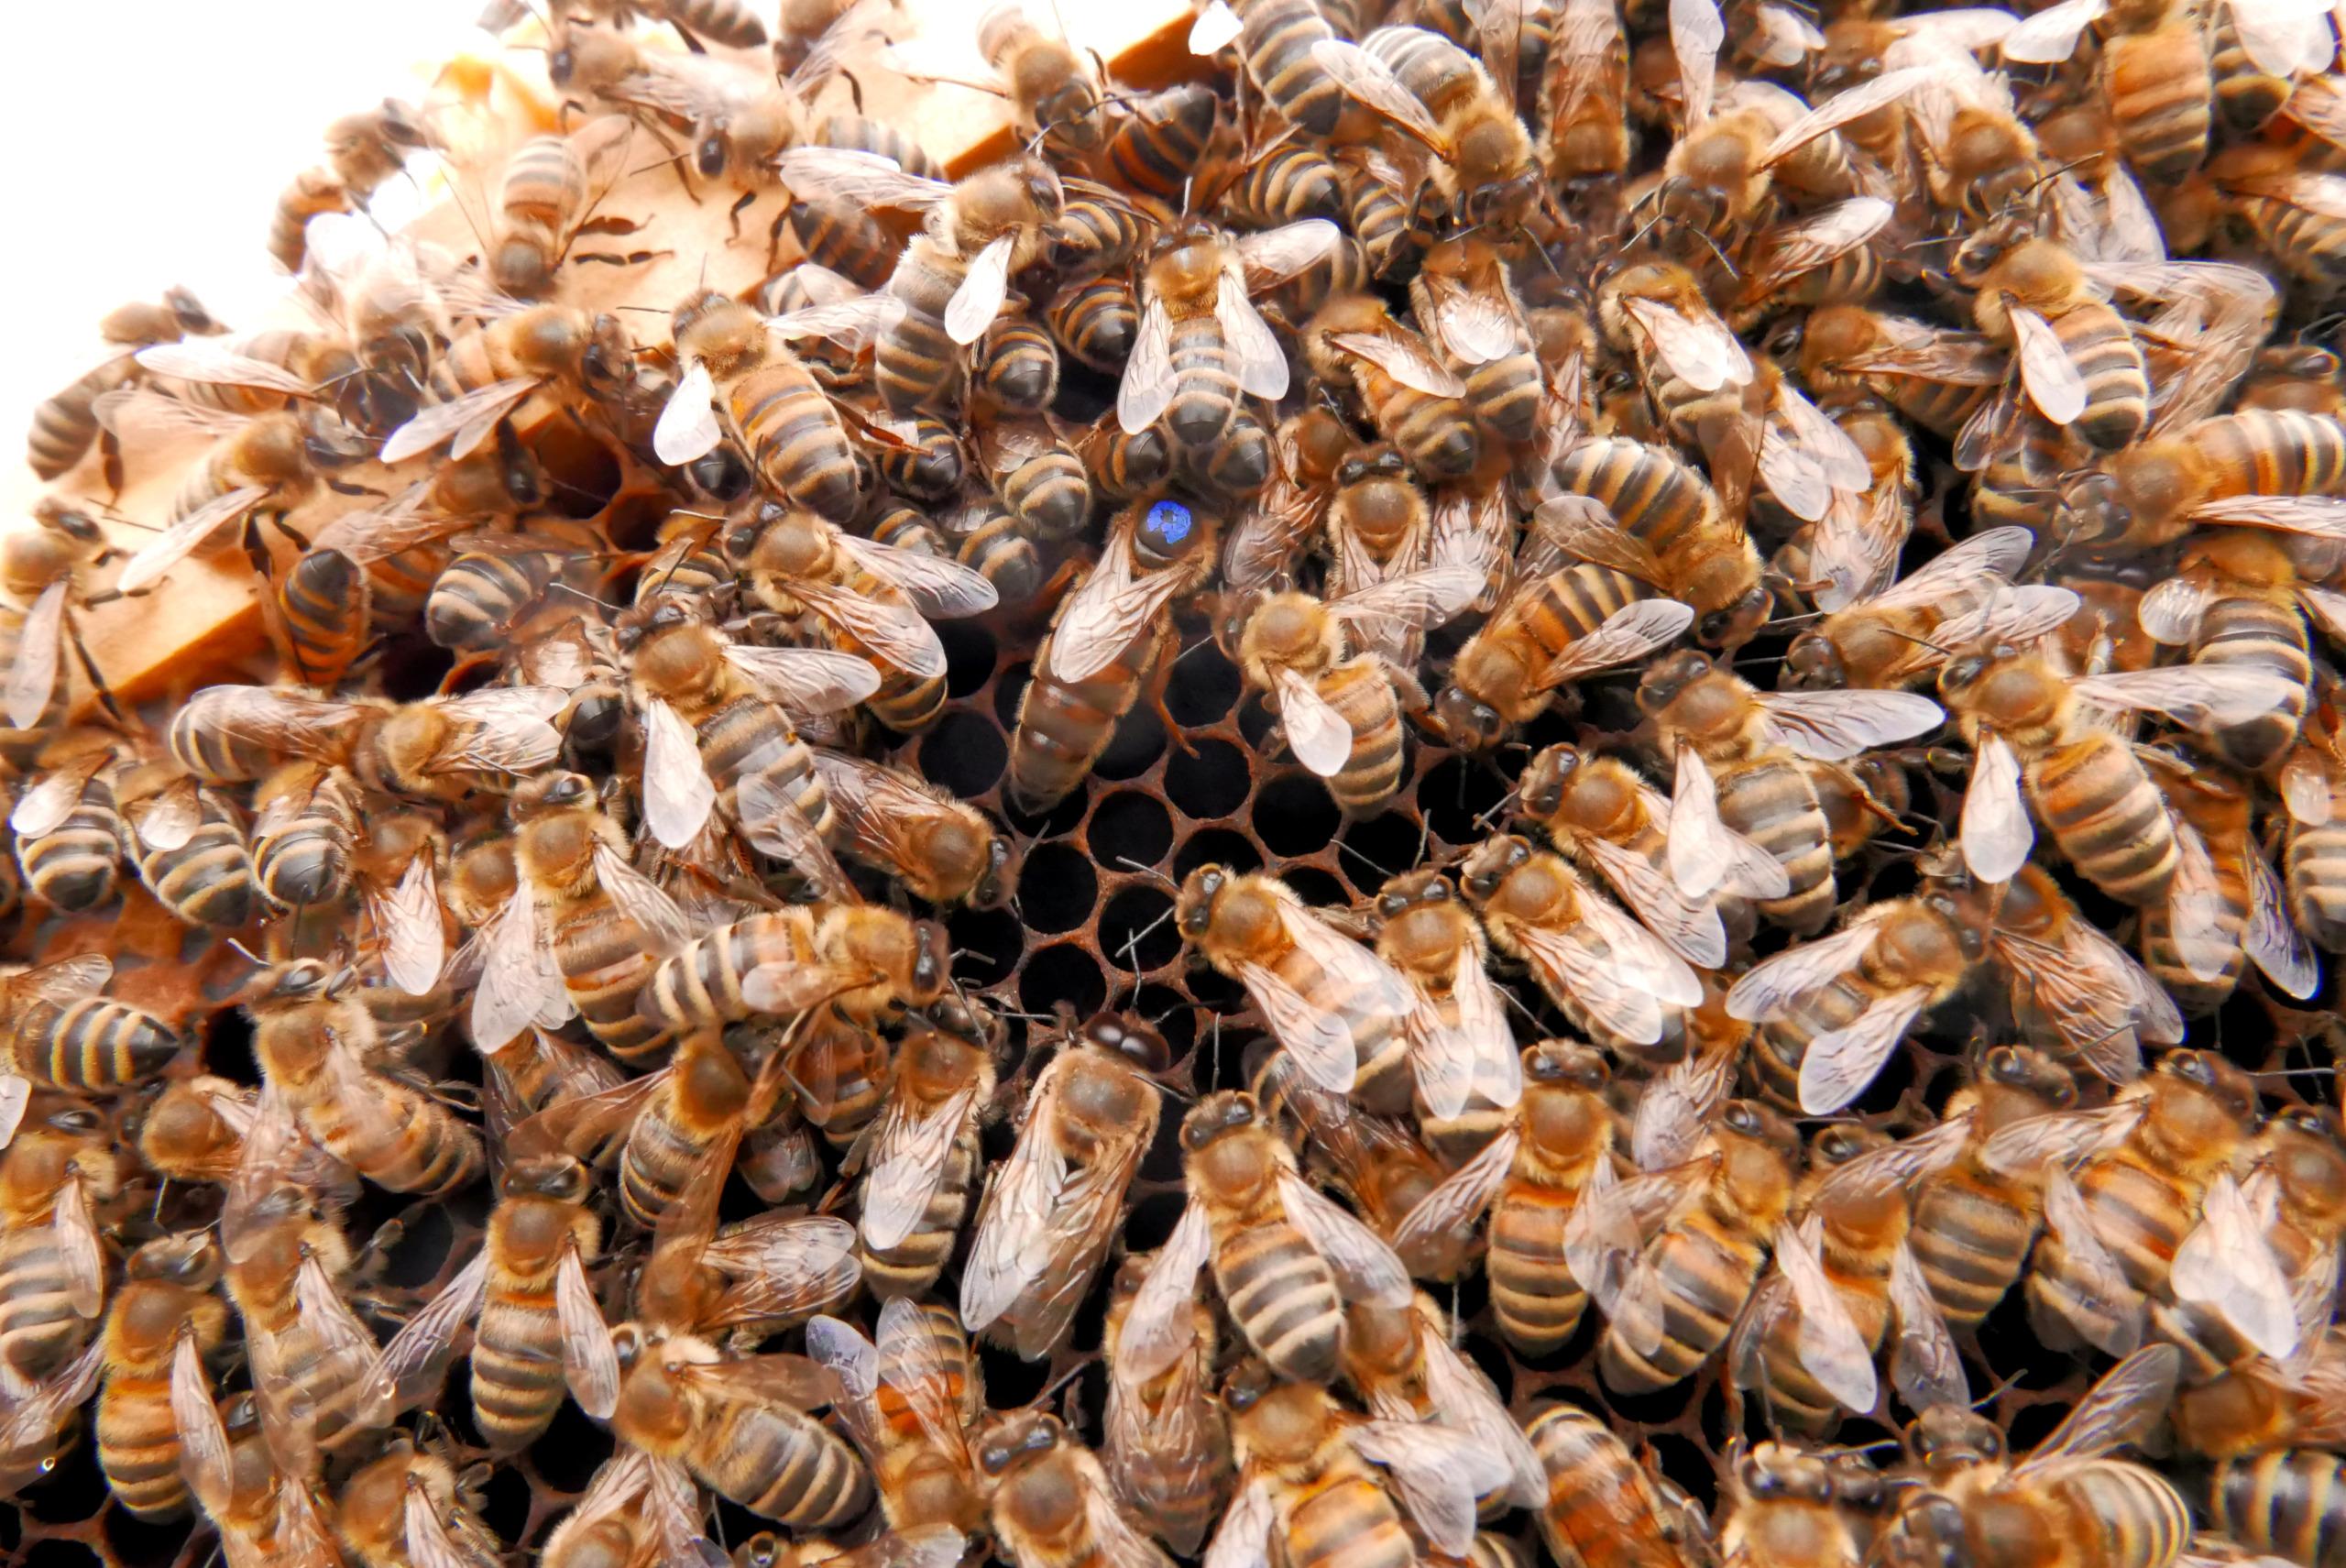 Summer-time! Die Bienenkönigin in der Mitte mit dem blauen Punkt